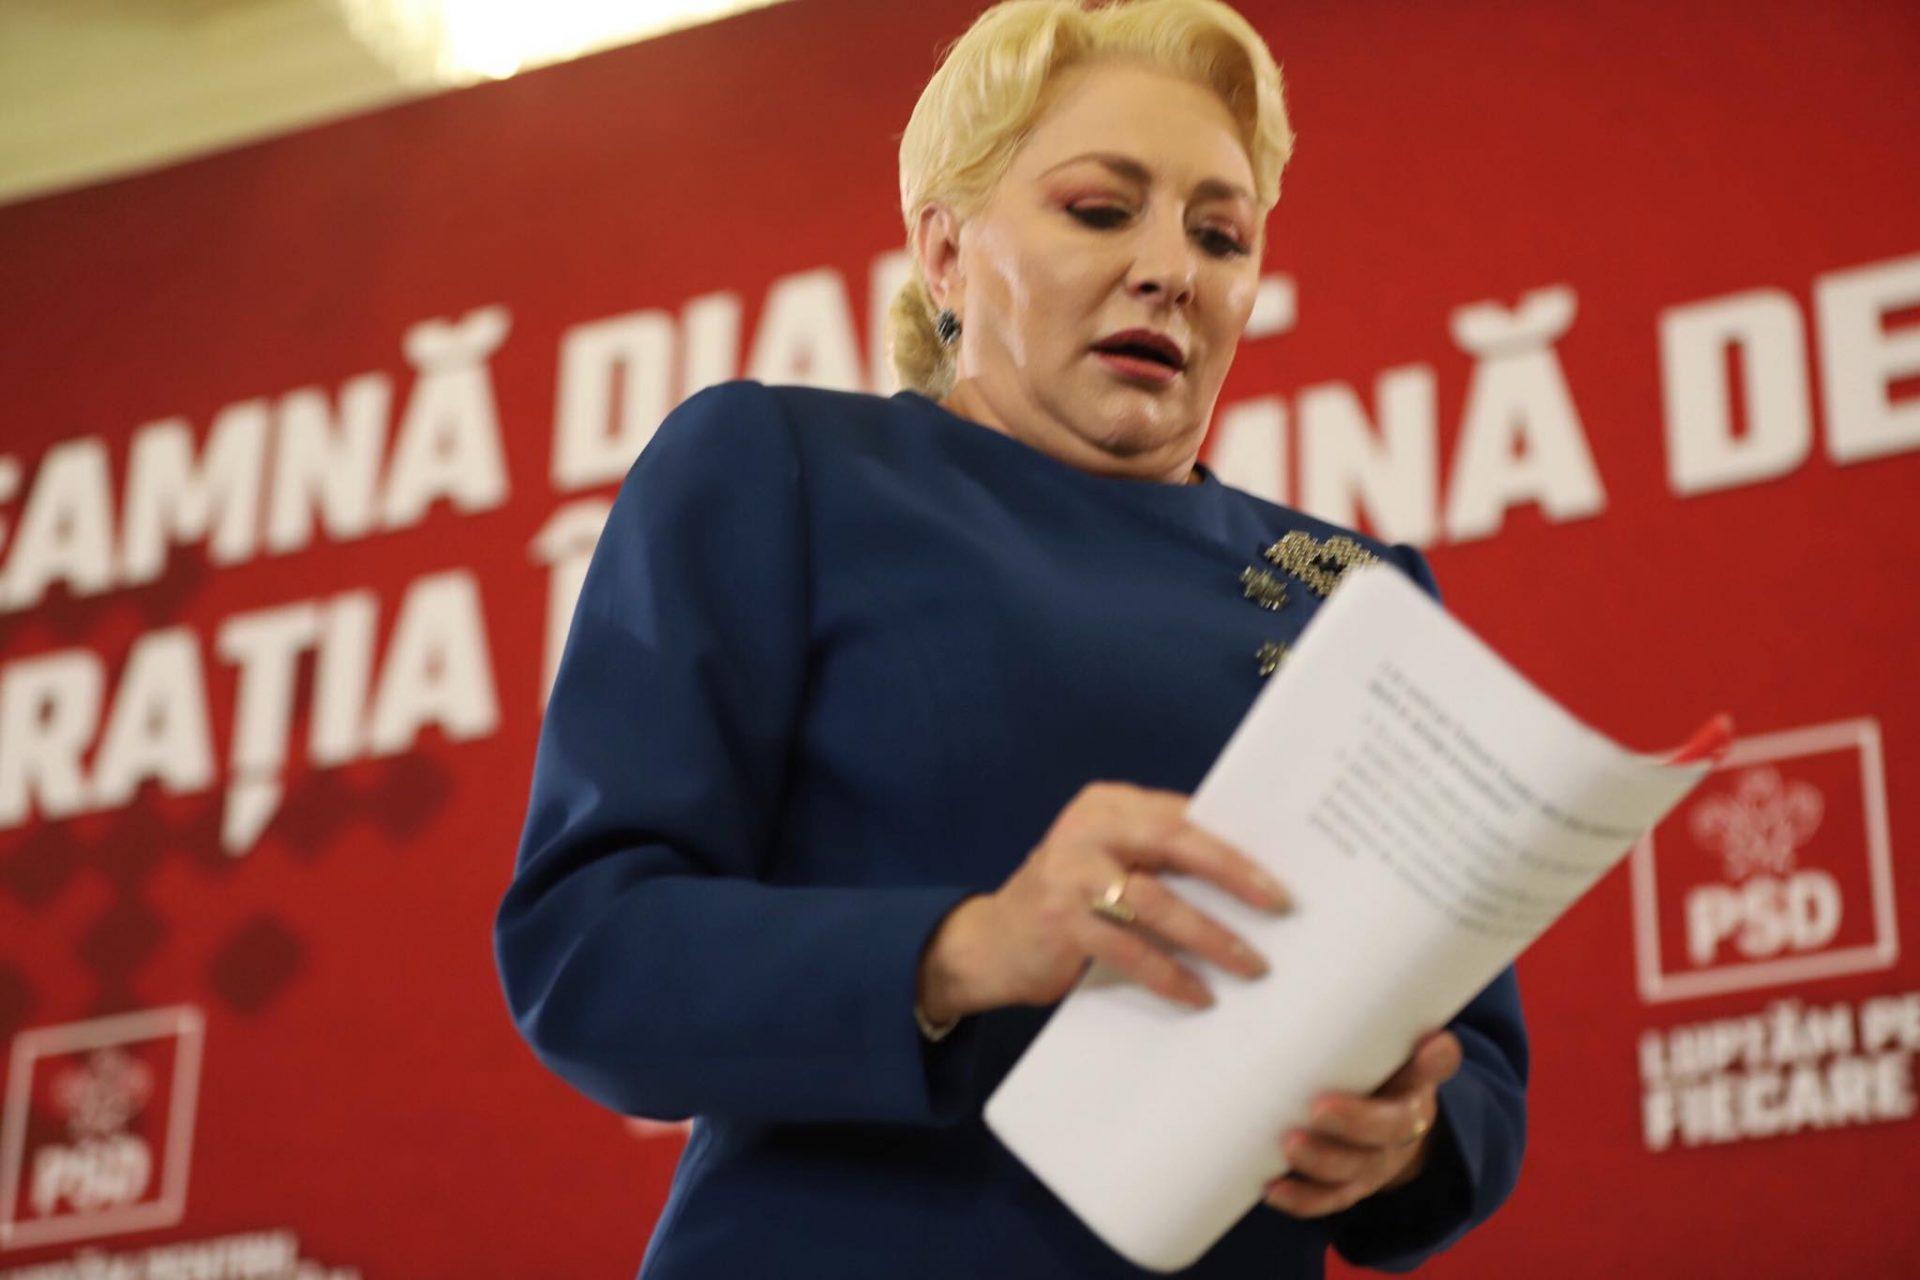 Cartea Vioricăi Dăncilă, aproape gata. A colaborat cu o fostă jurnalistă de la OTV